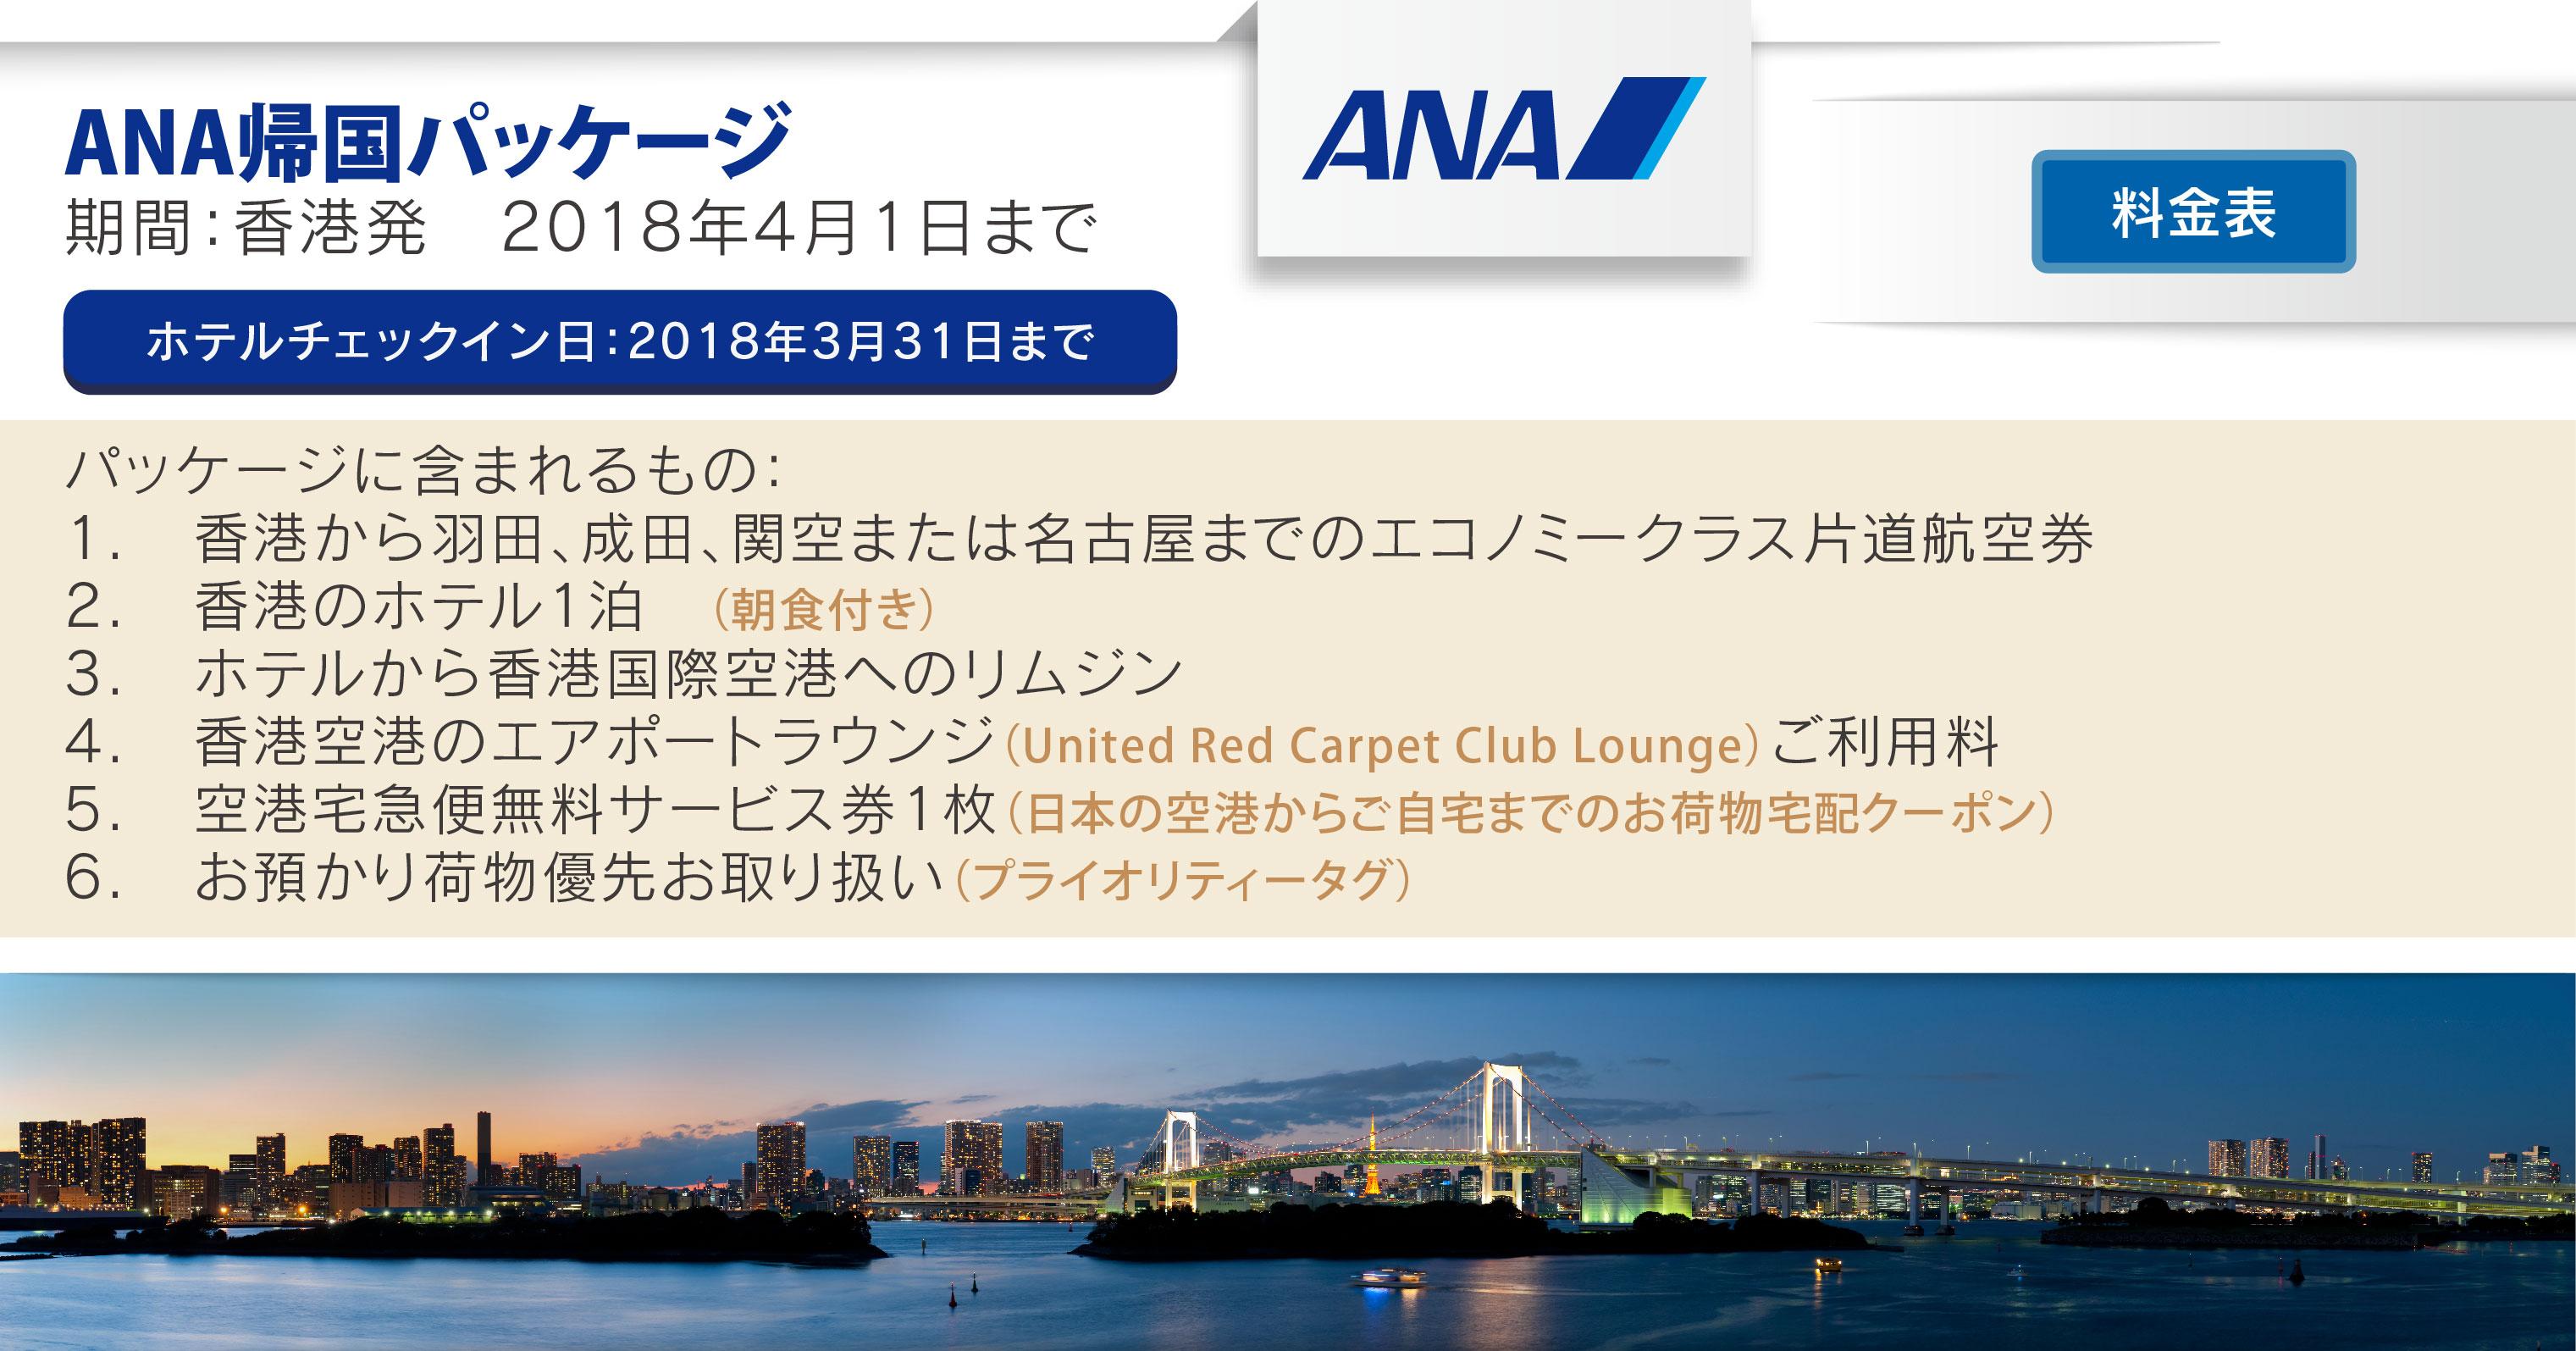 日本への本帰国がお決まりになったら ホテルと航空券のお得なパッケージ